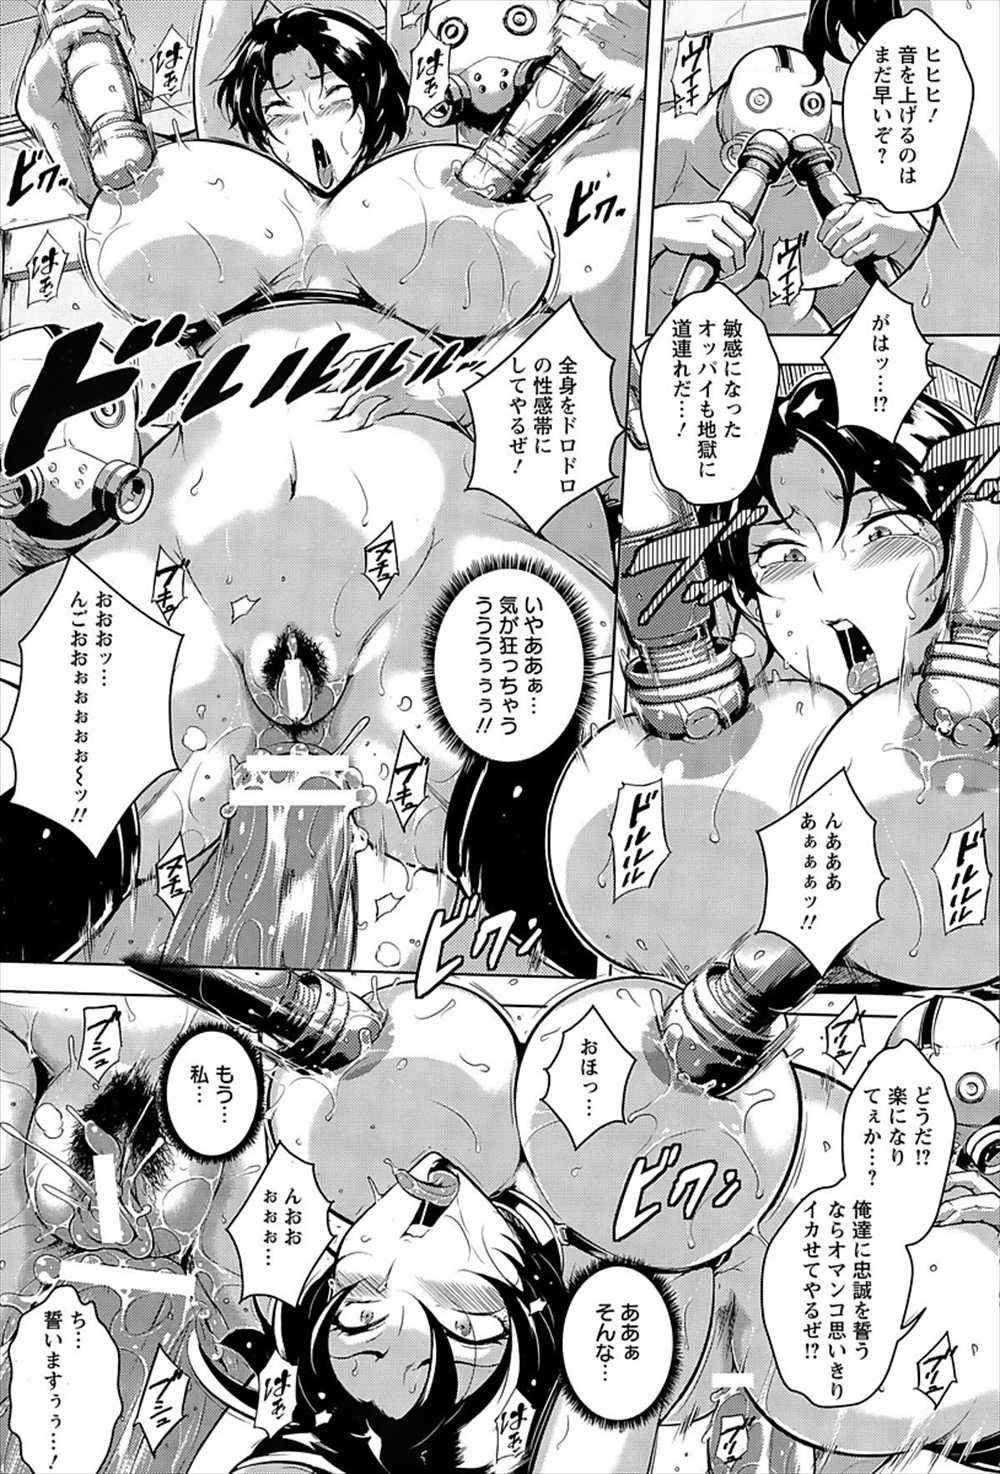 【エロ漫画】宙吊り拘束された爆乳女が男たちに二穴ファック陵辱レイプでザーメンまみれにwww